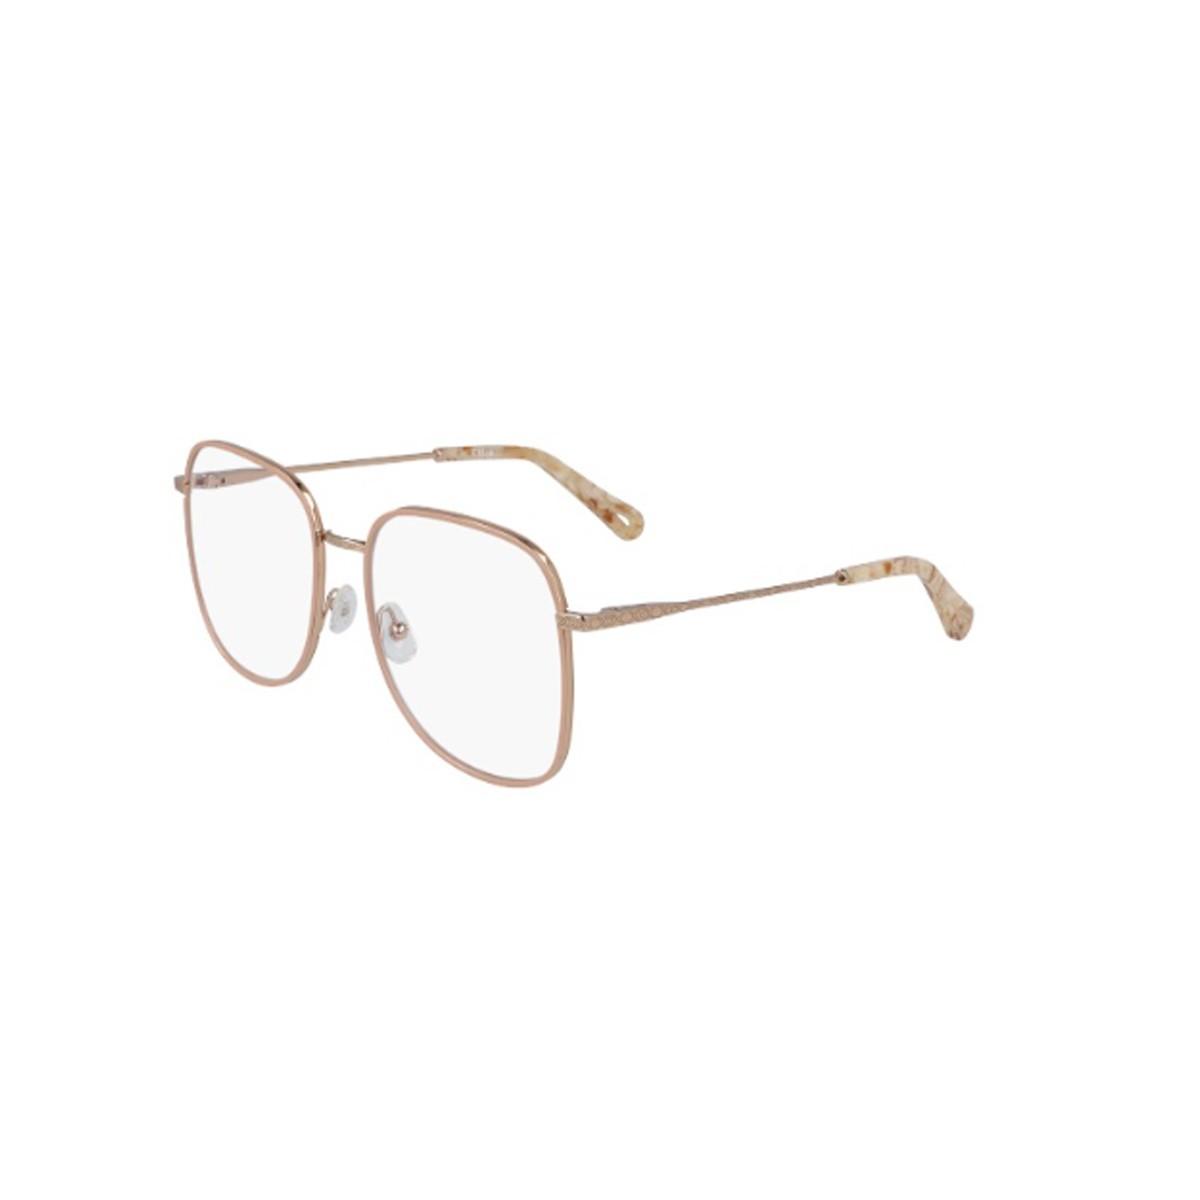 Chloé CE2162 | Women's eyeglasses